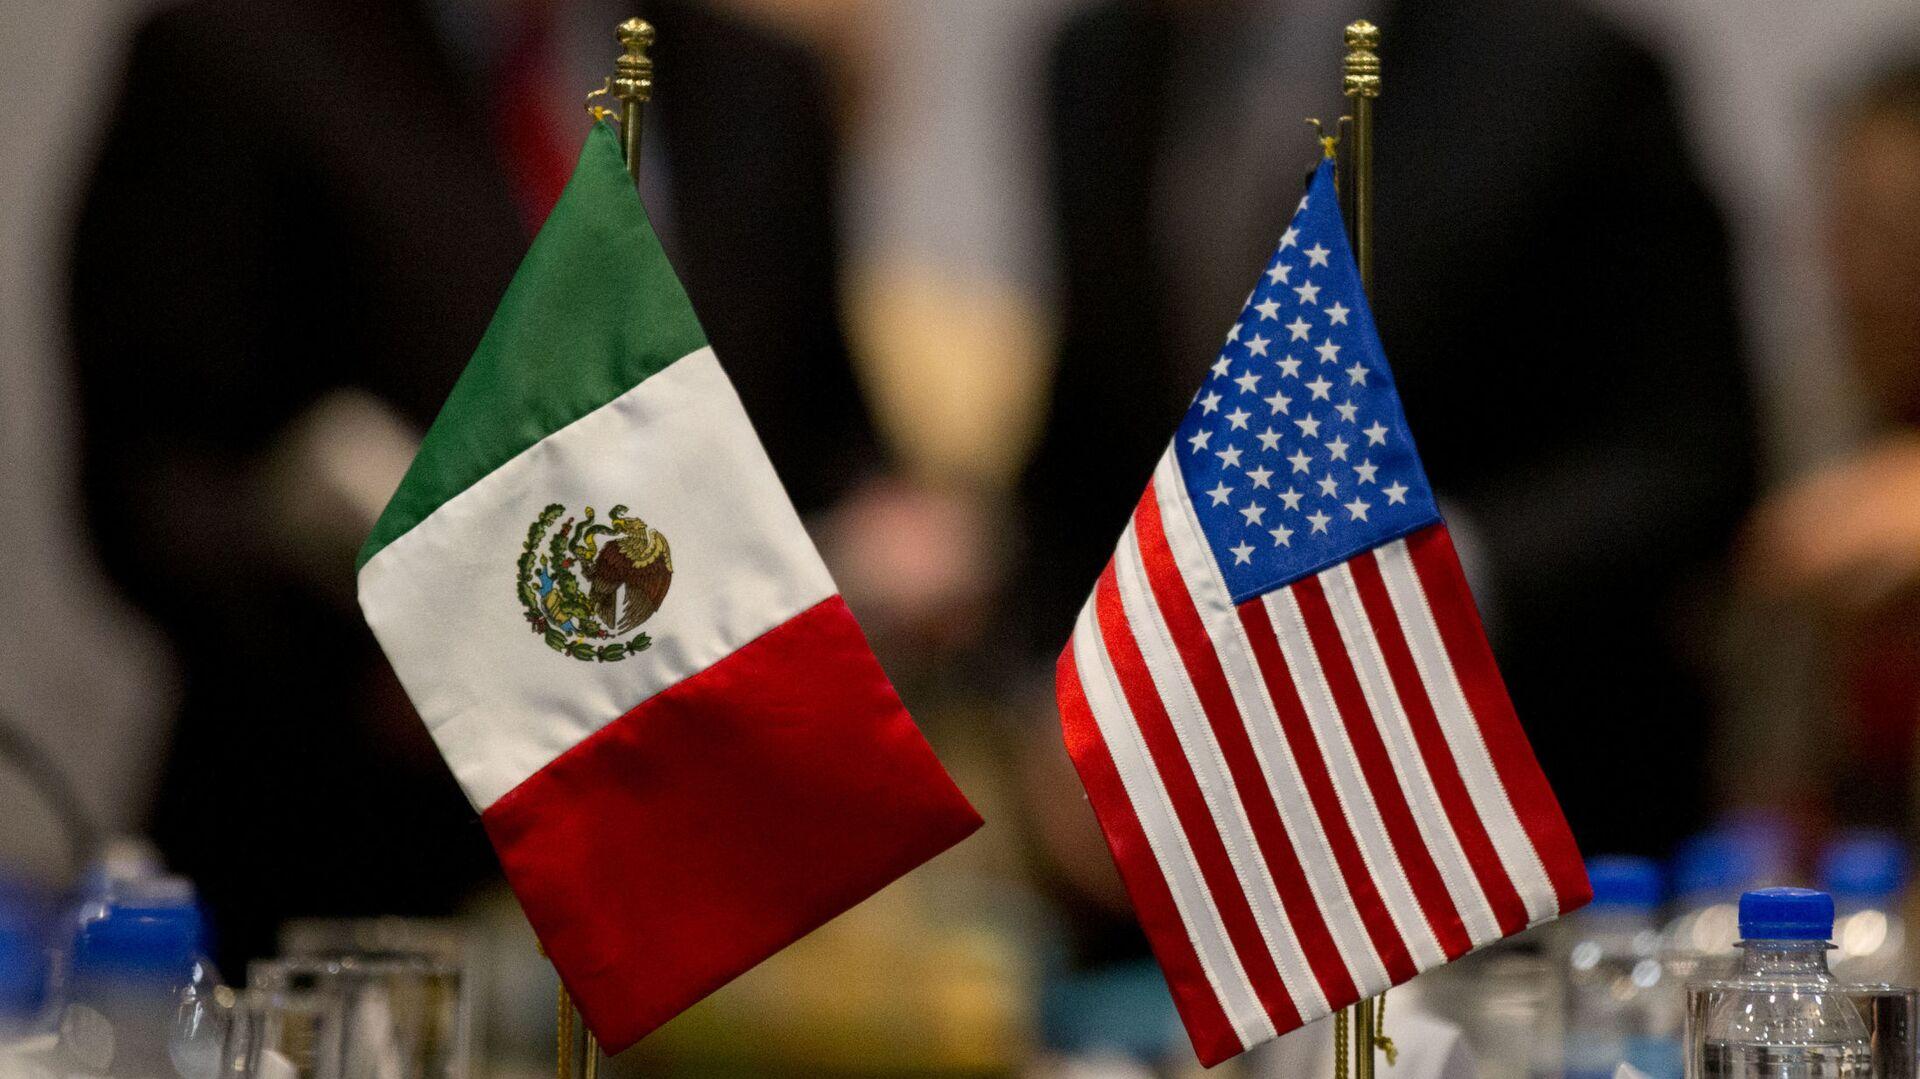 Banderas de México y EEUU - Sputnik Mundo, 1920, 11.08.2021